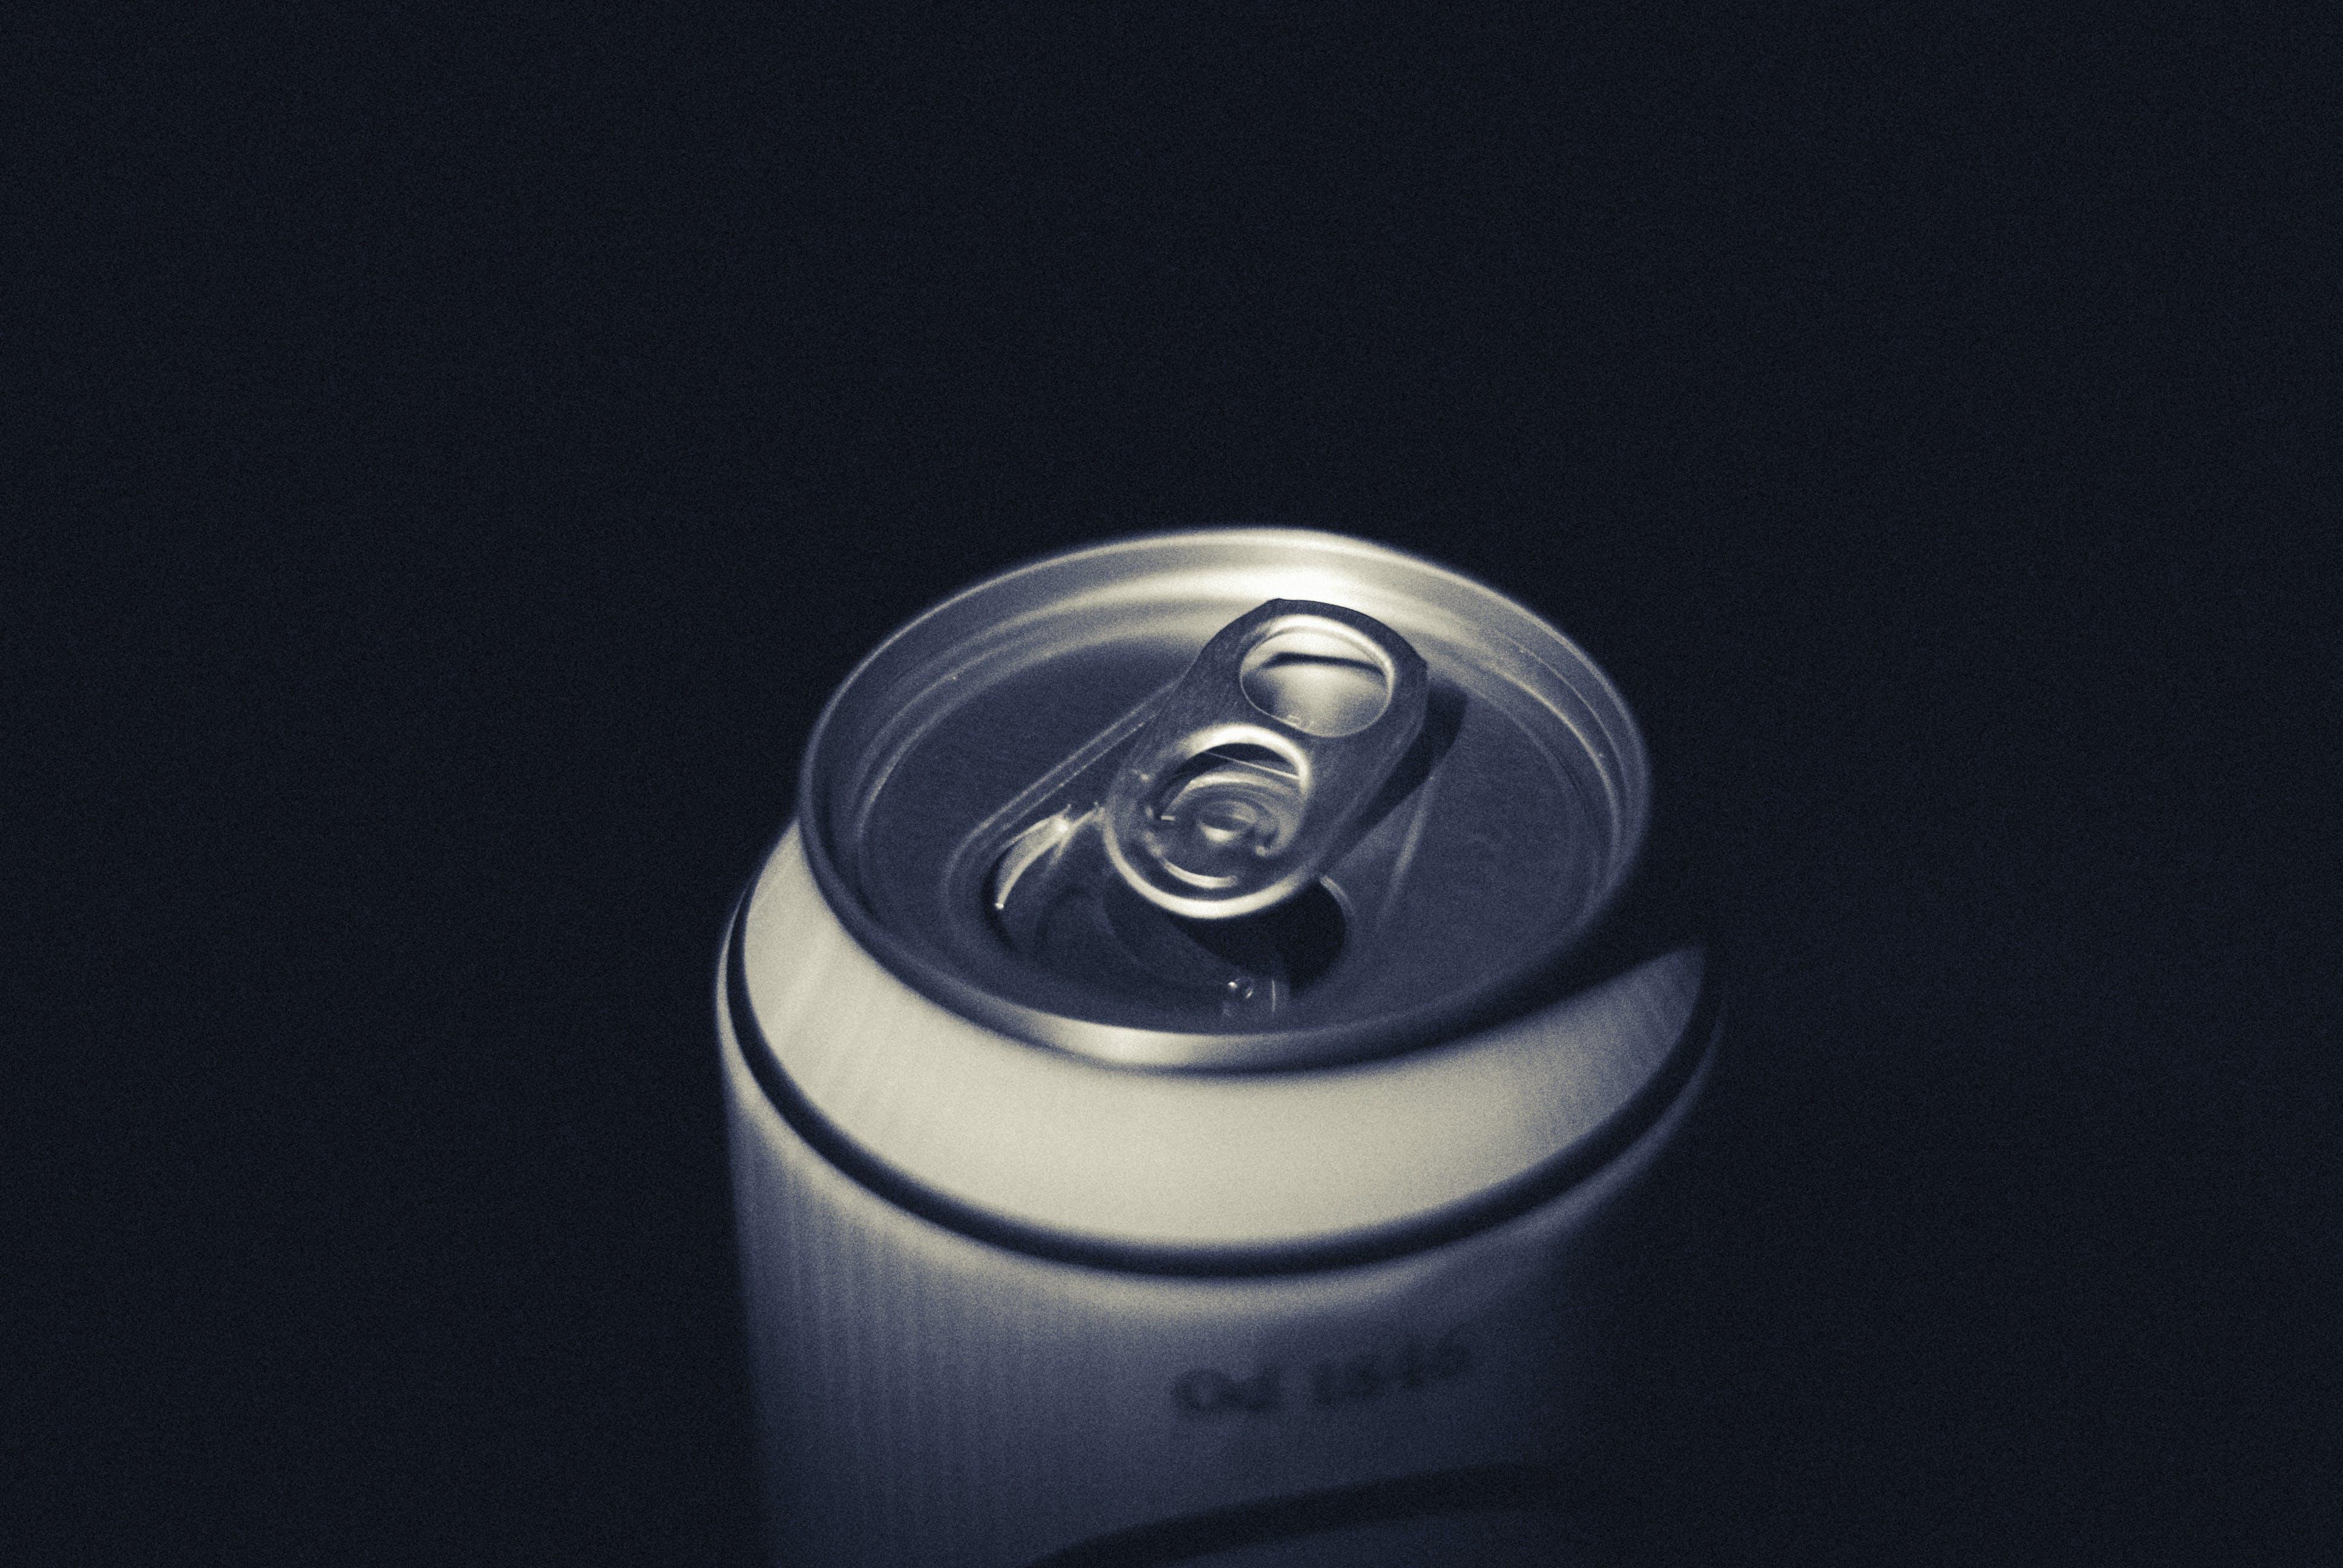 Free stock photo of drink, beer, beverage, open